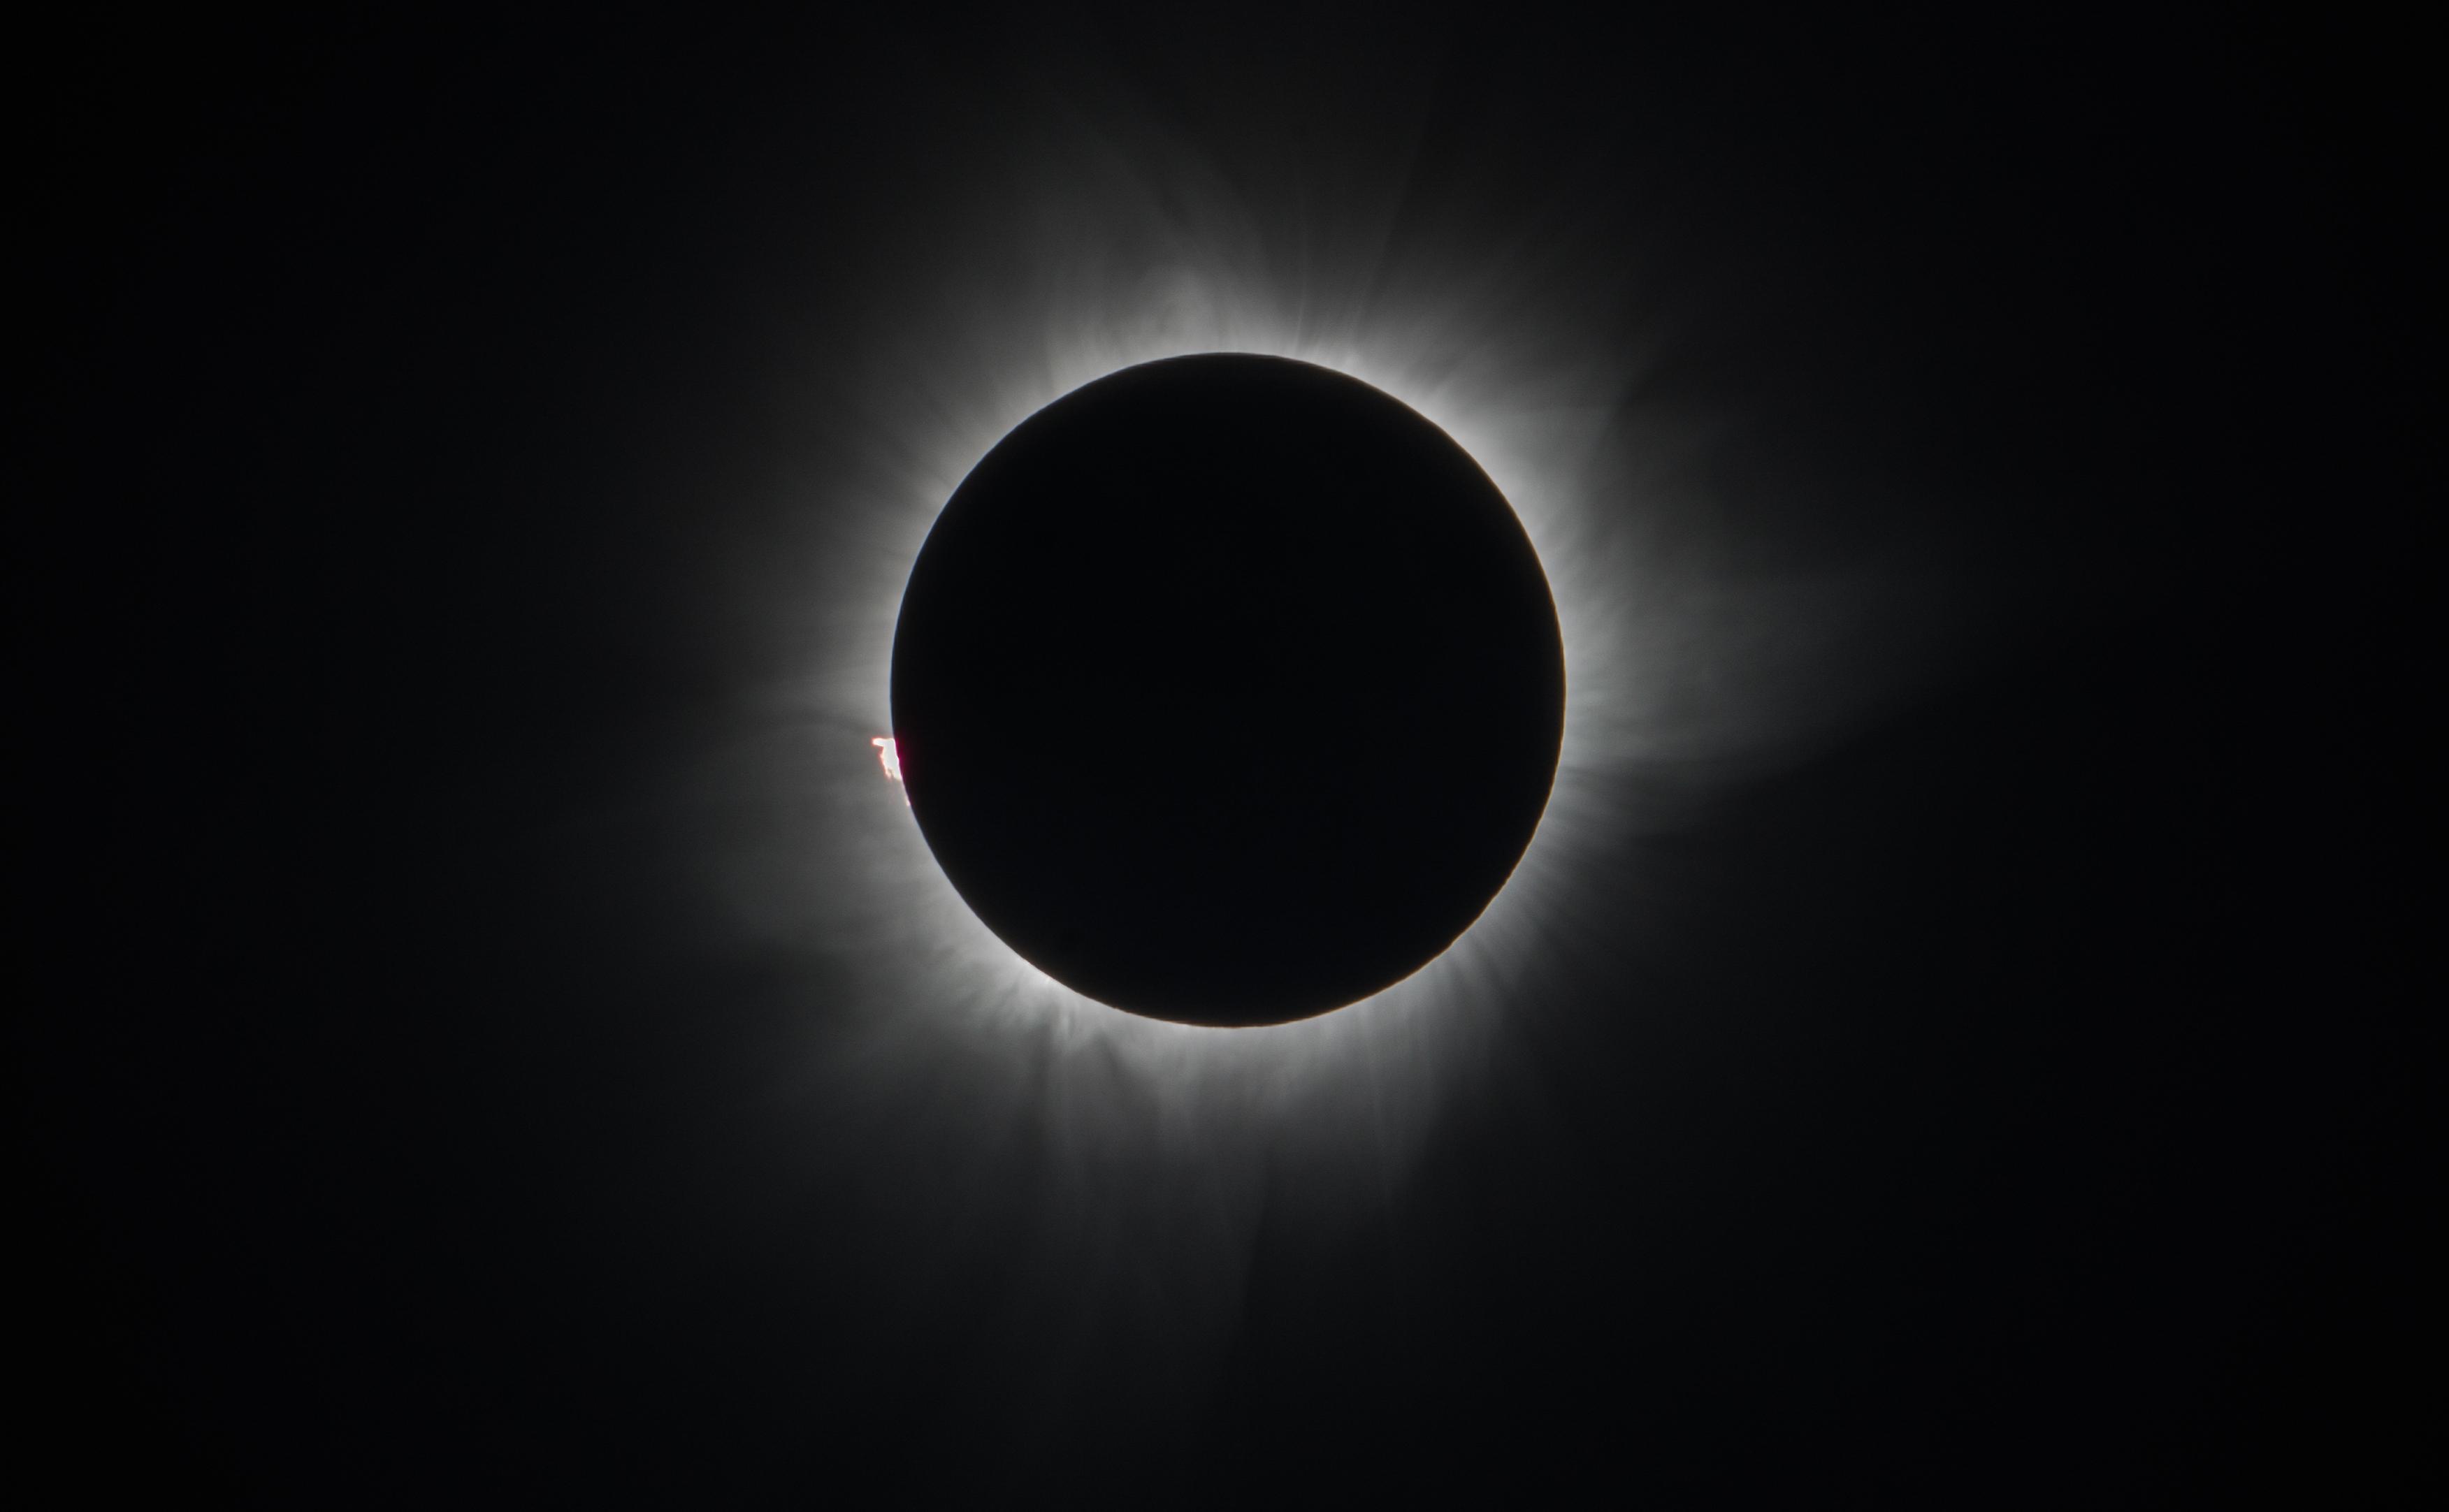 Eclipse solaire. Crédit H. Deloison 2016